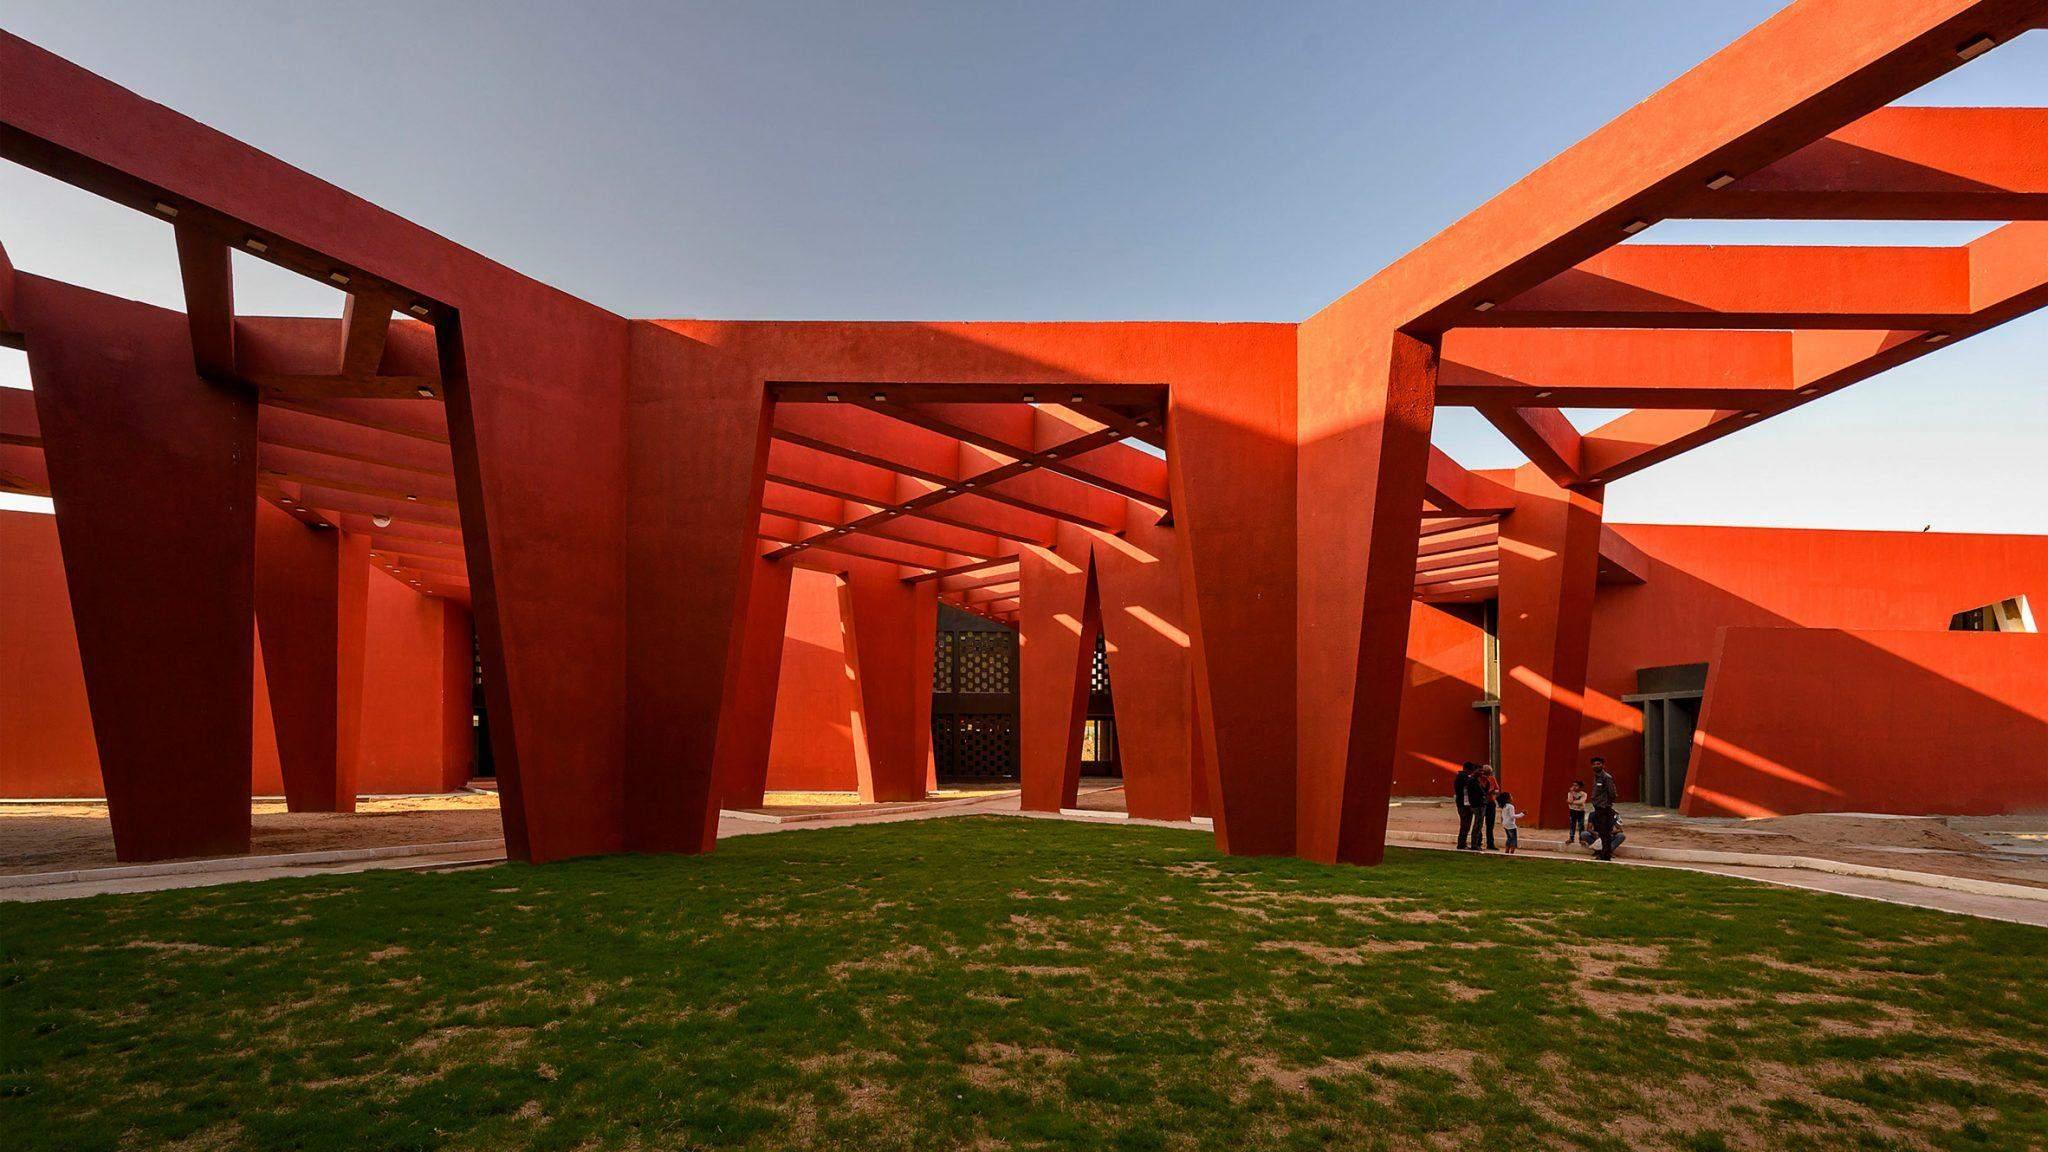 Стіни побудовані під певним кутом аби відхиляти сонячні промені / Фото Dezeen